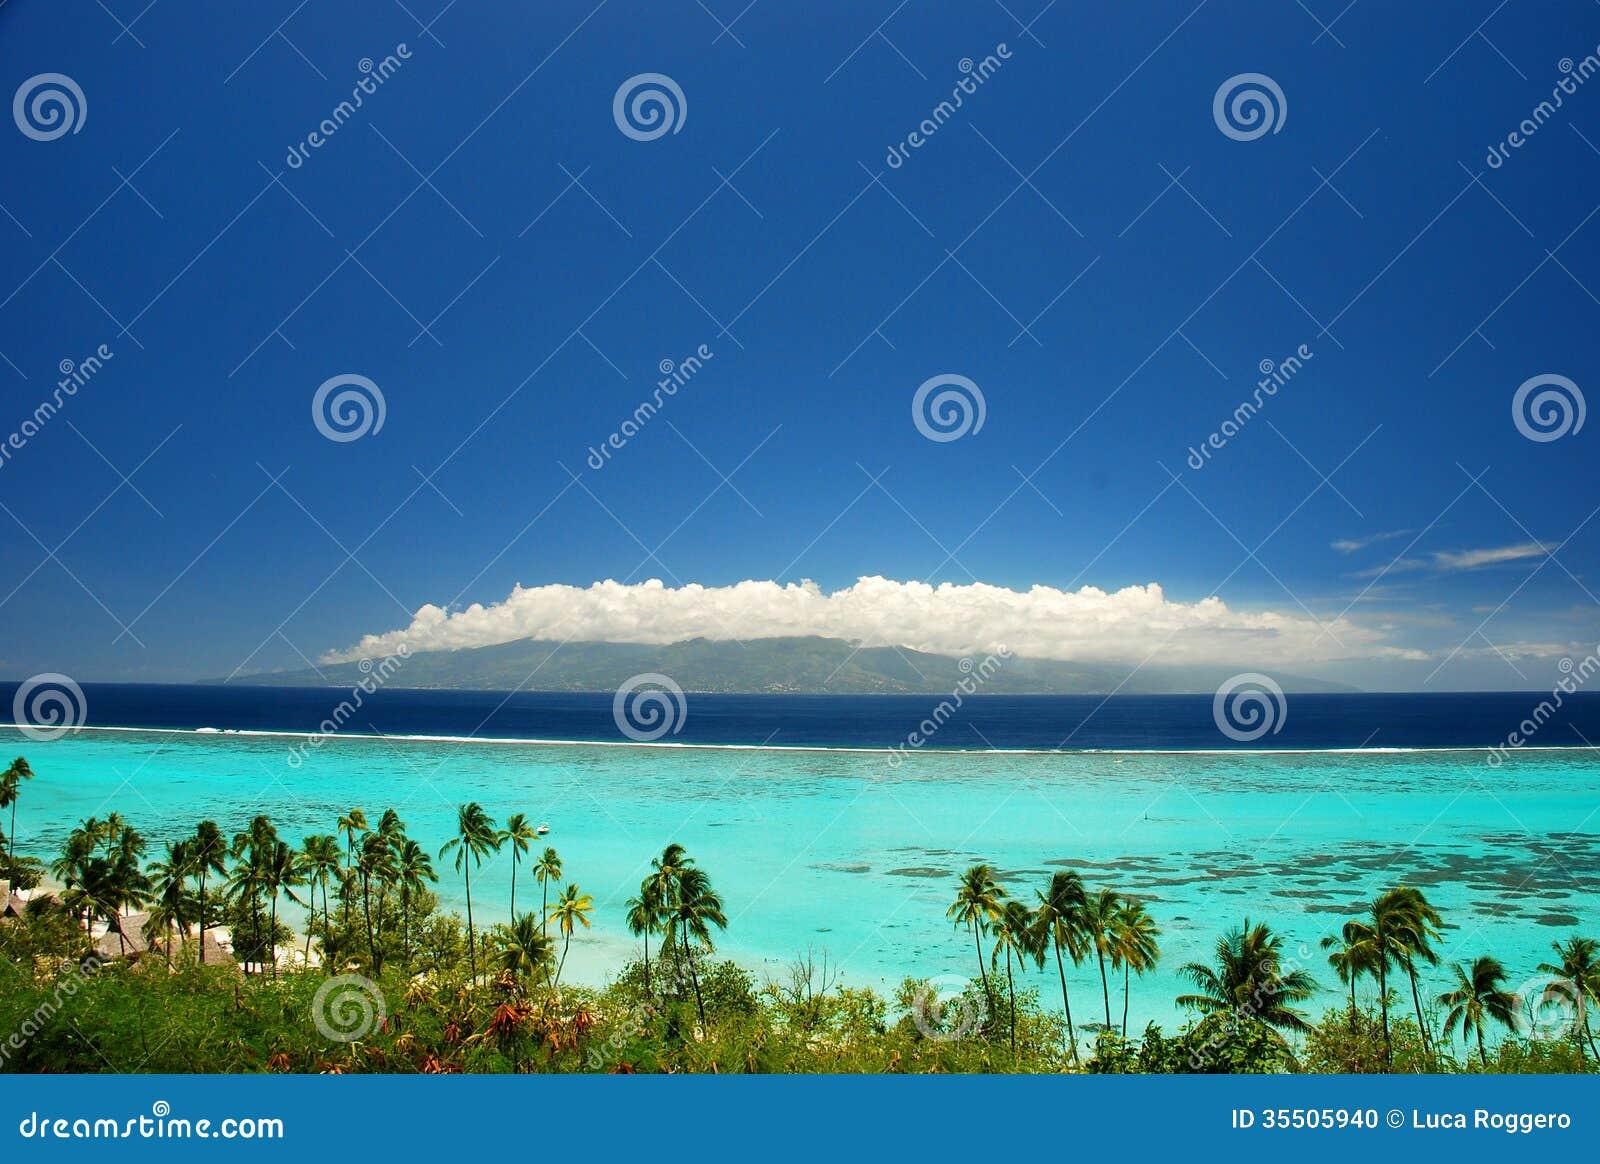 Moorea Island French Polynesia  city photo : Moorea is a high island in French Polynesia, part of the Society ...